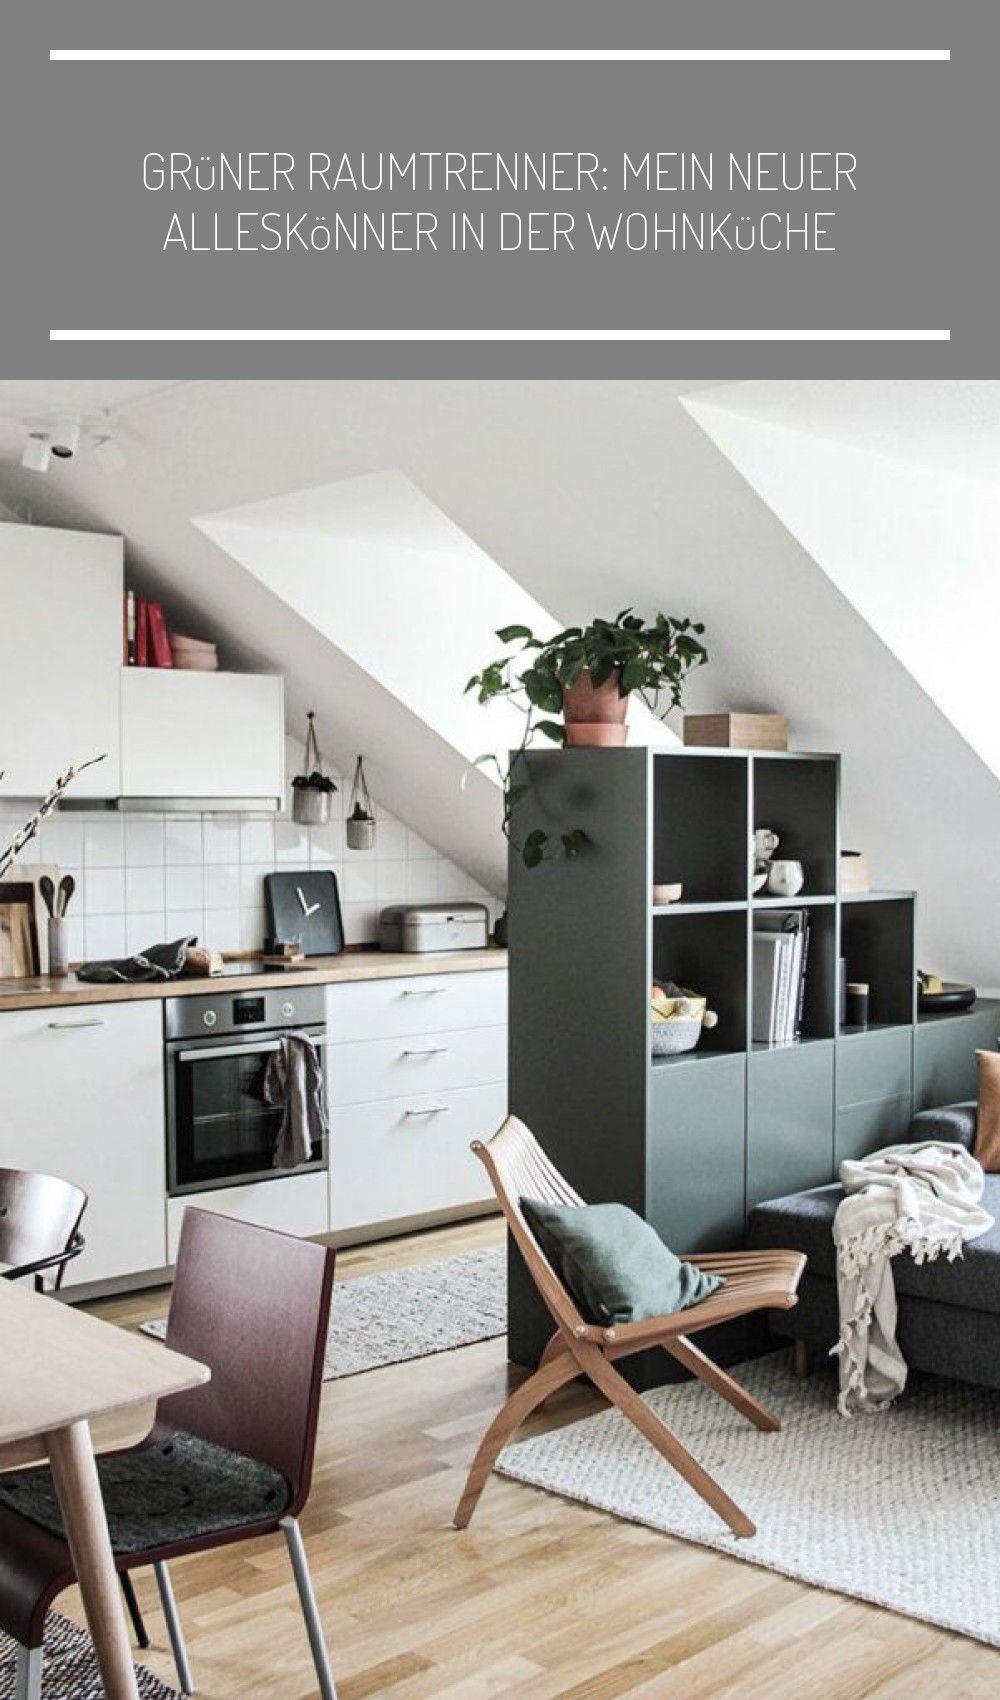 Dachgeschoss Wohnung mit Wohnkueche und Wohnzimmer und einem